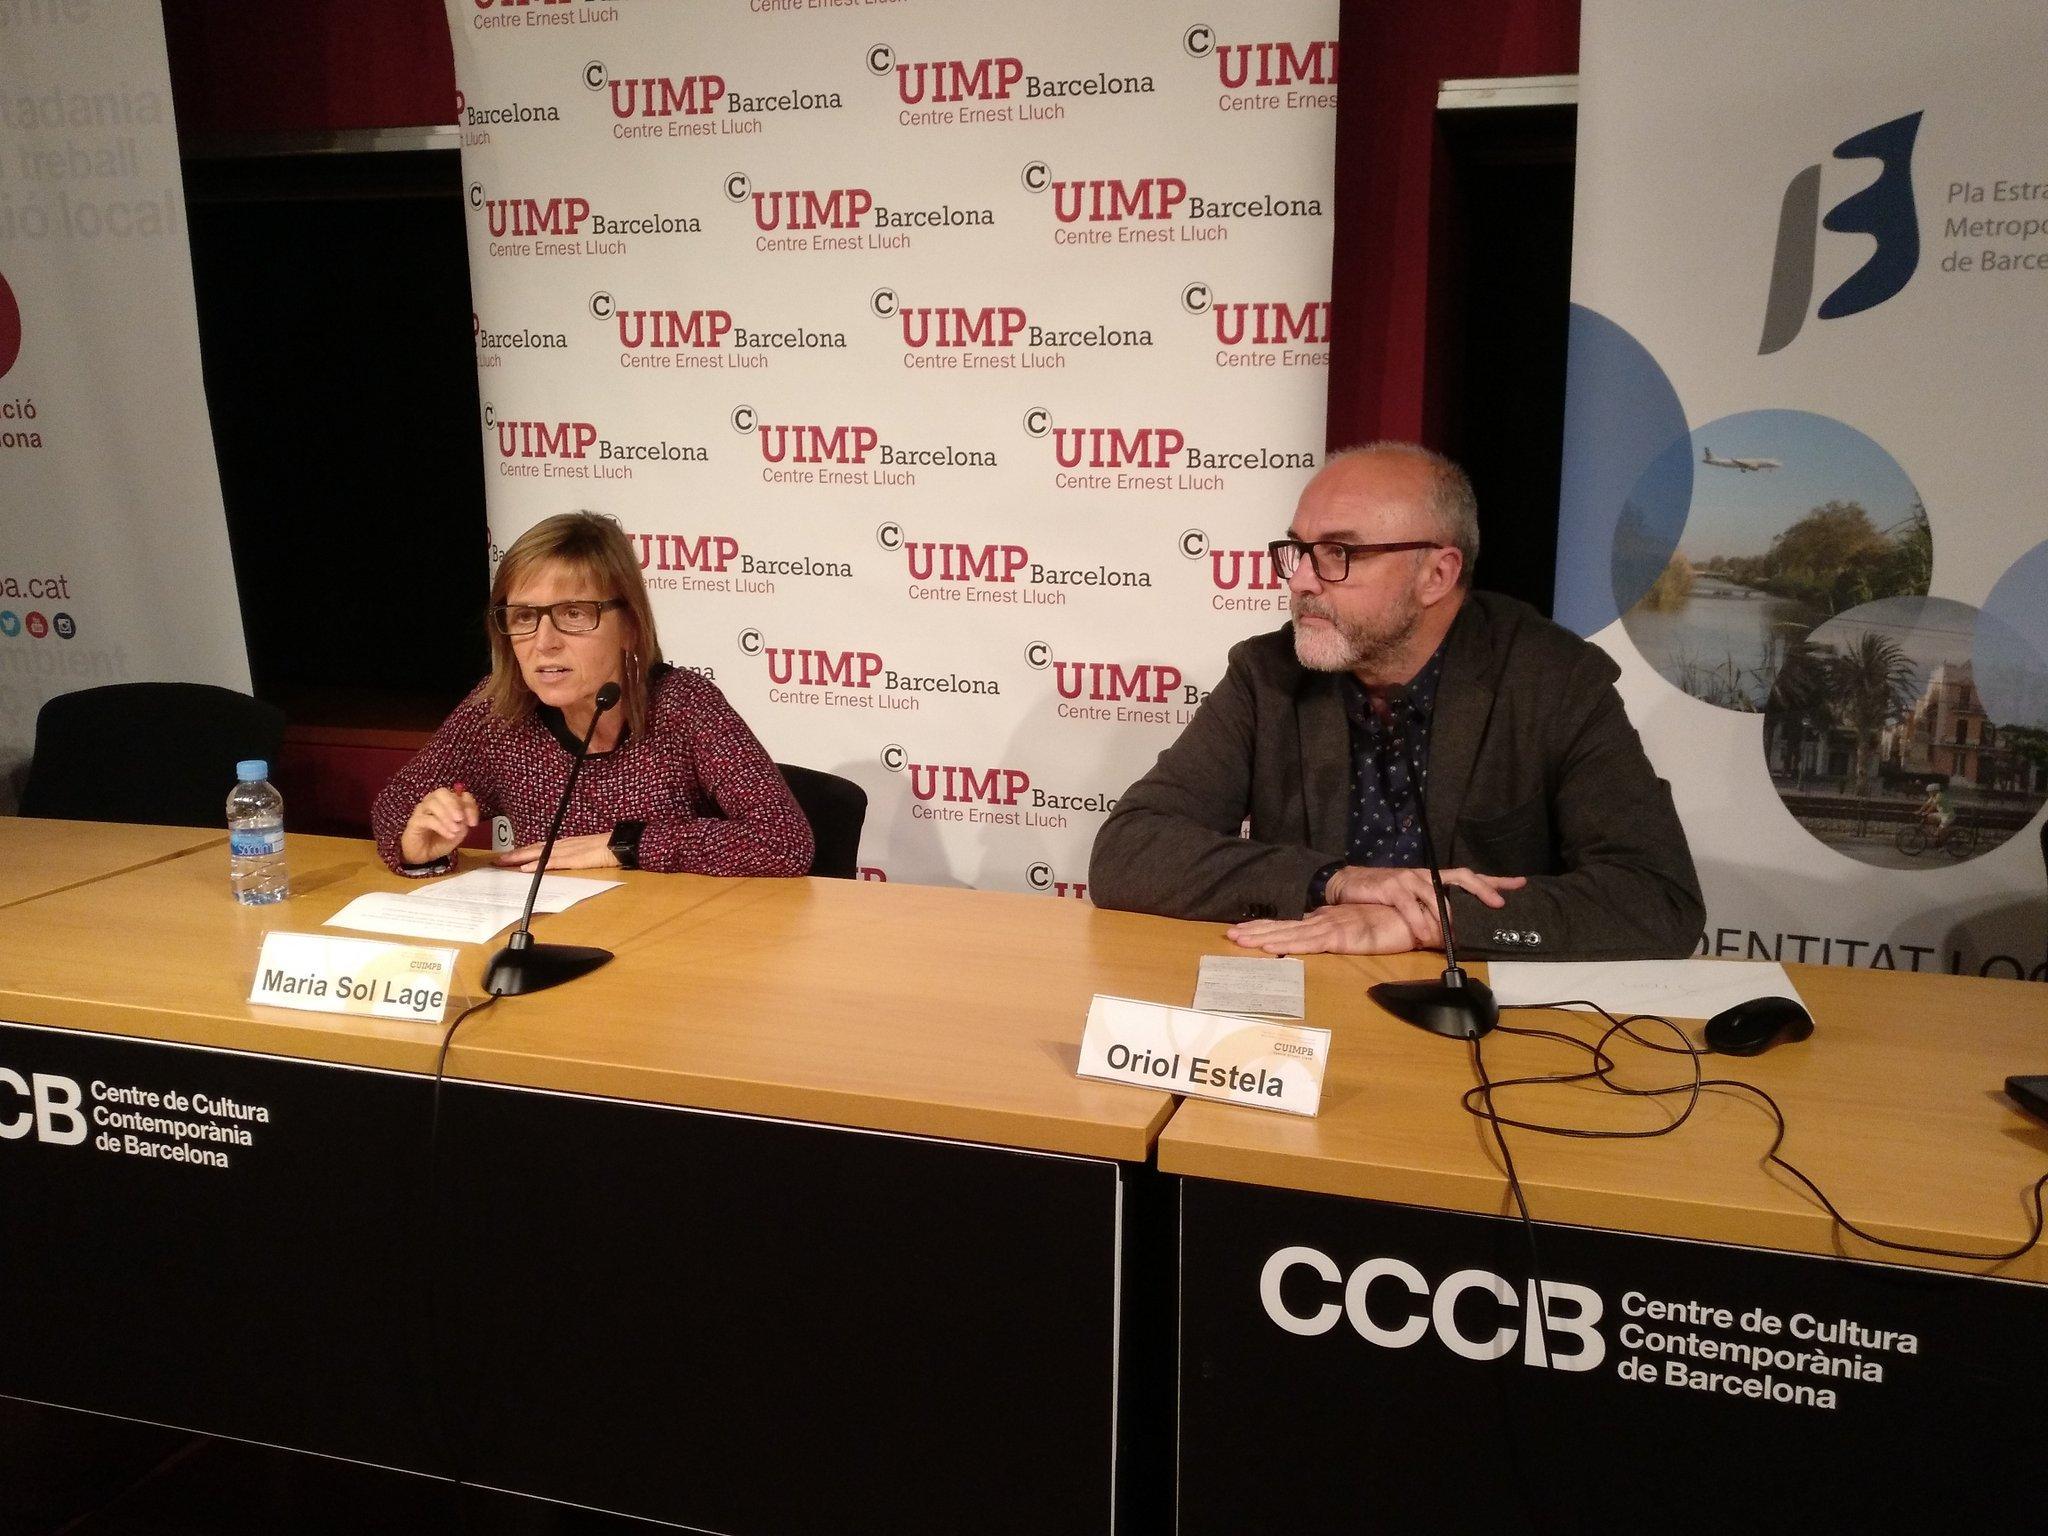 Maria Sol Lage, jefa del O.T. Estrategias de Desarrollo de la Diputación de Barcelona, y Oriol Estela Barnet, coordinador general del PEMB